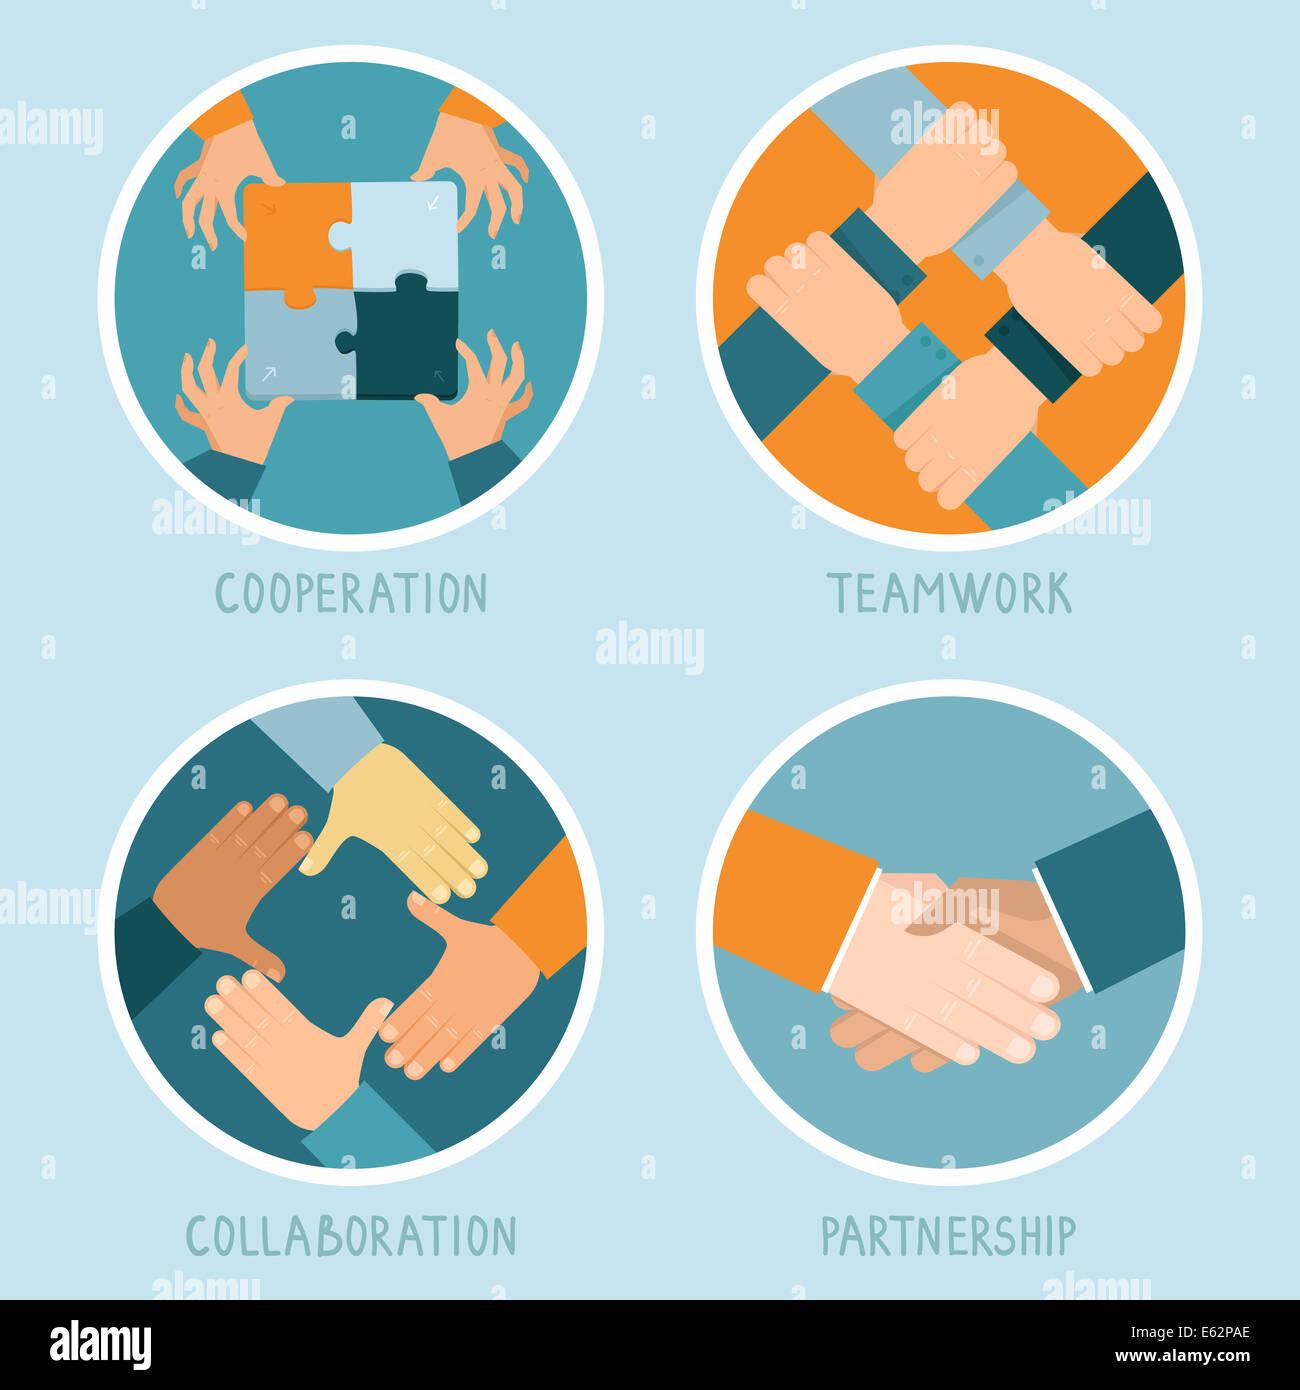 El trabajo en equipo y la cooperación concepto en estilo plano - la asociación y la colaboración Imagen De Stock